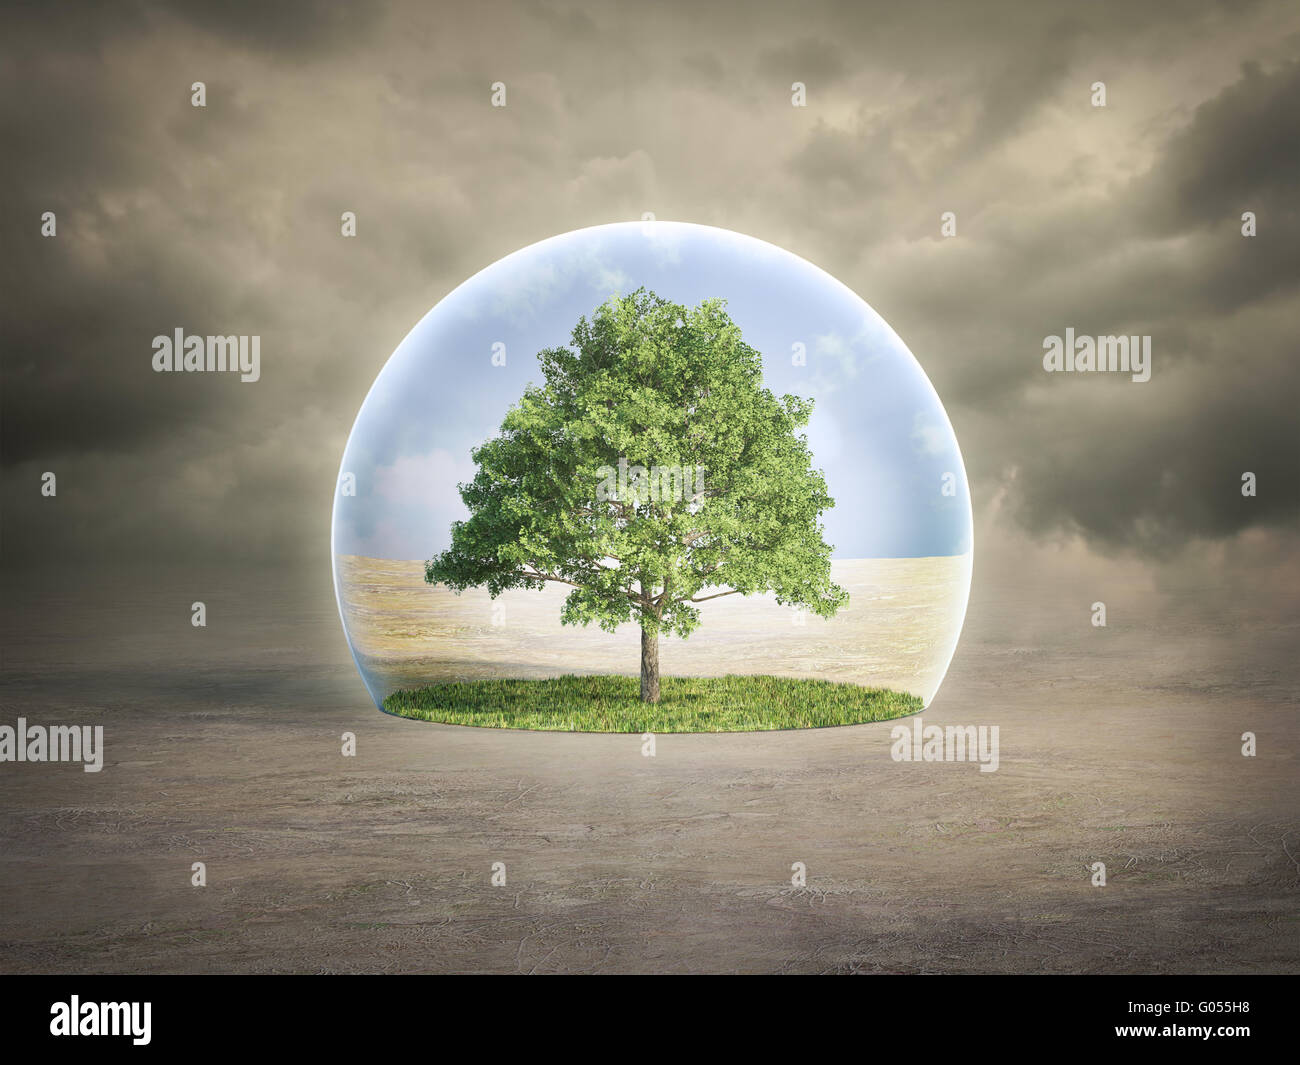 Umweltschutz-Konzept - Baum in einer Blase Stockbild